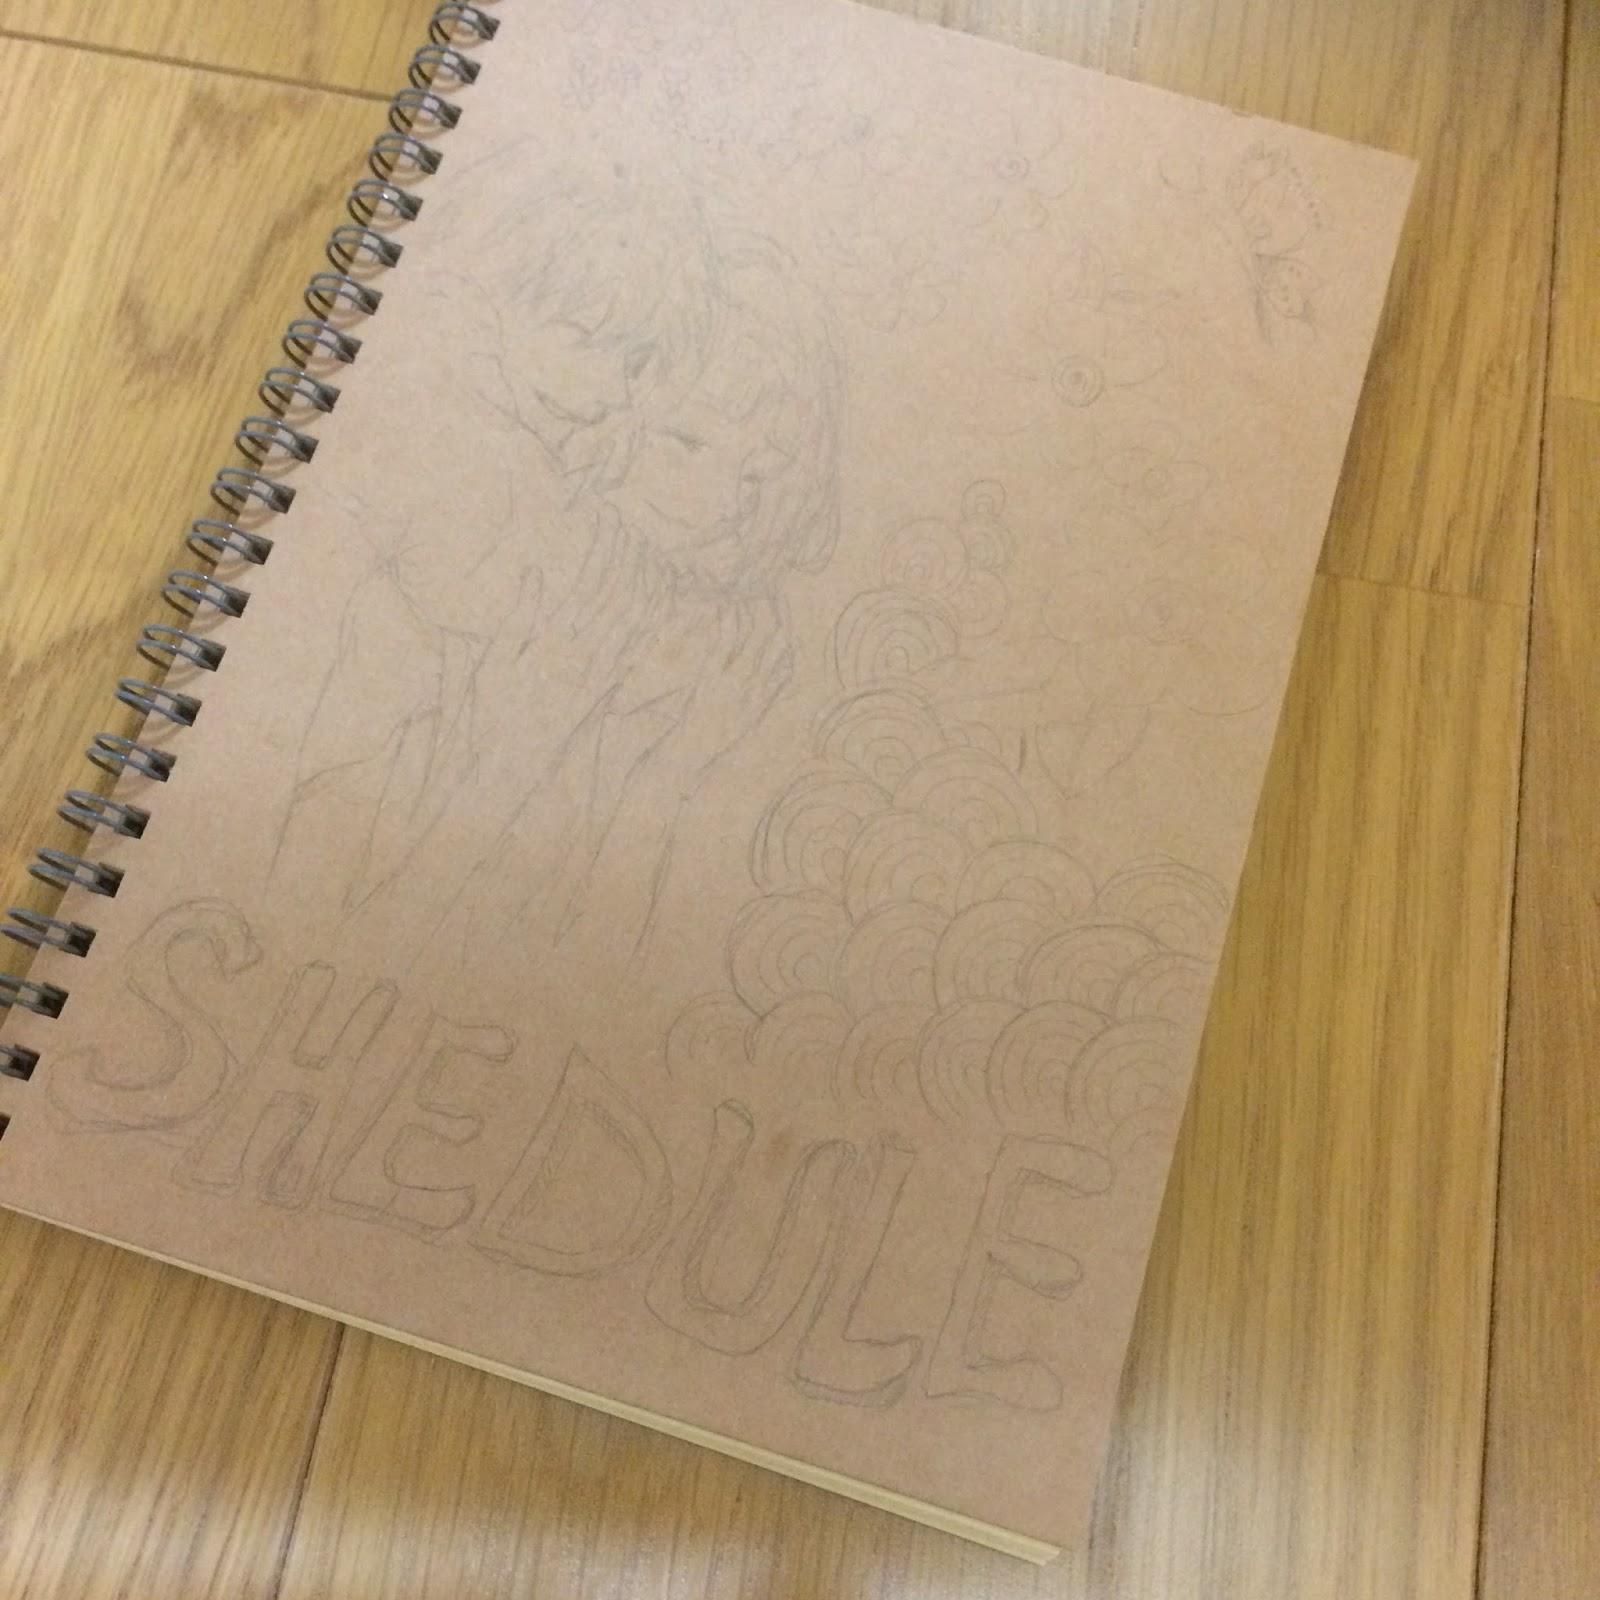 クラフトデスクノート・マンスリー帳をアレンジ2